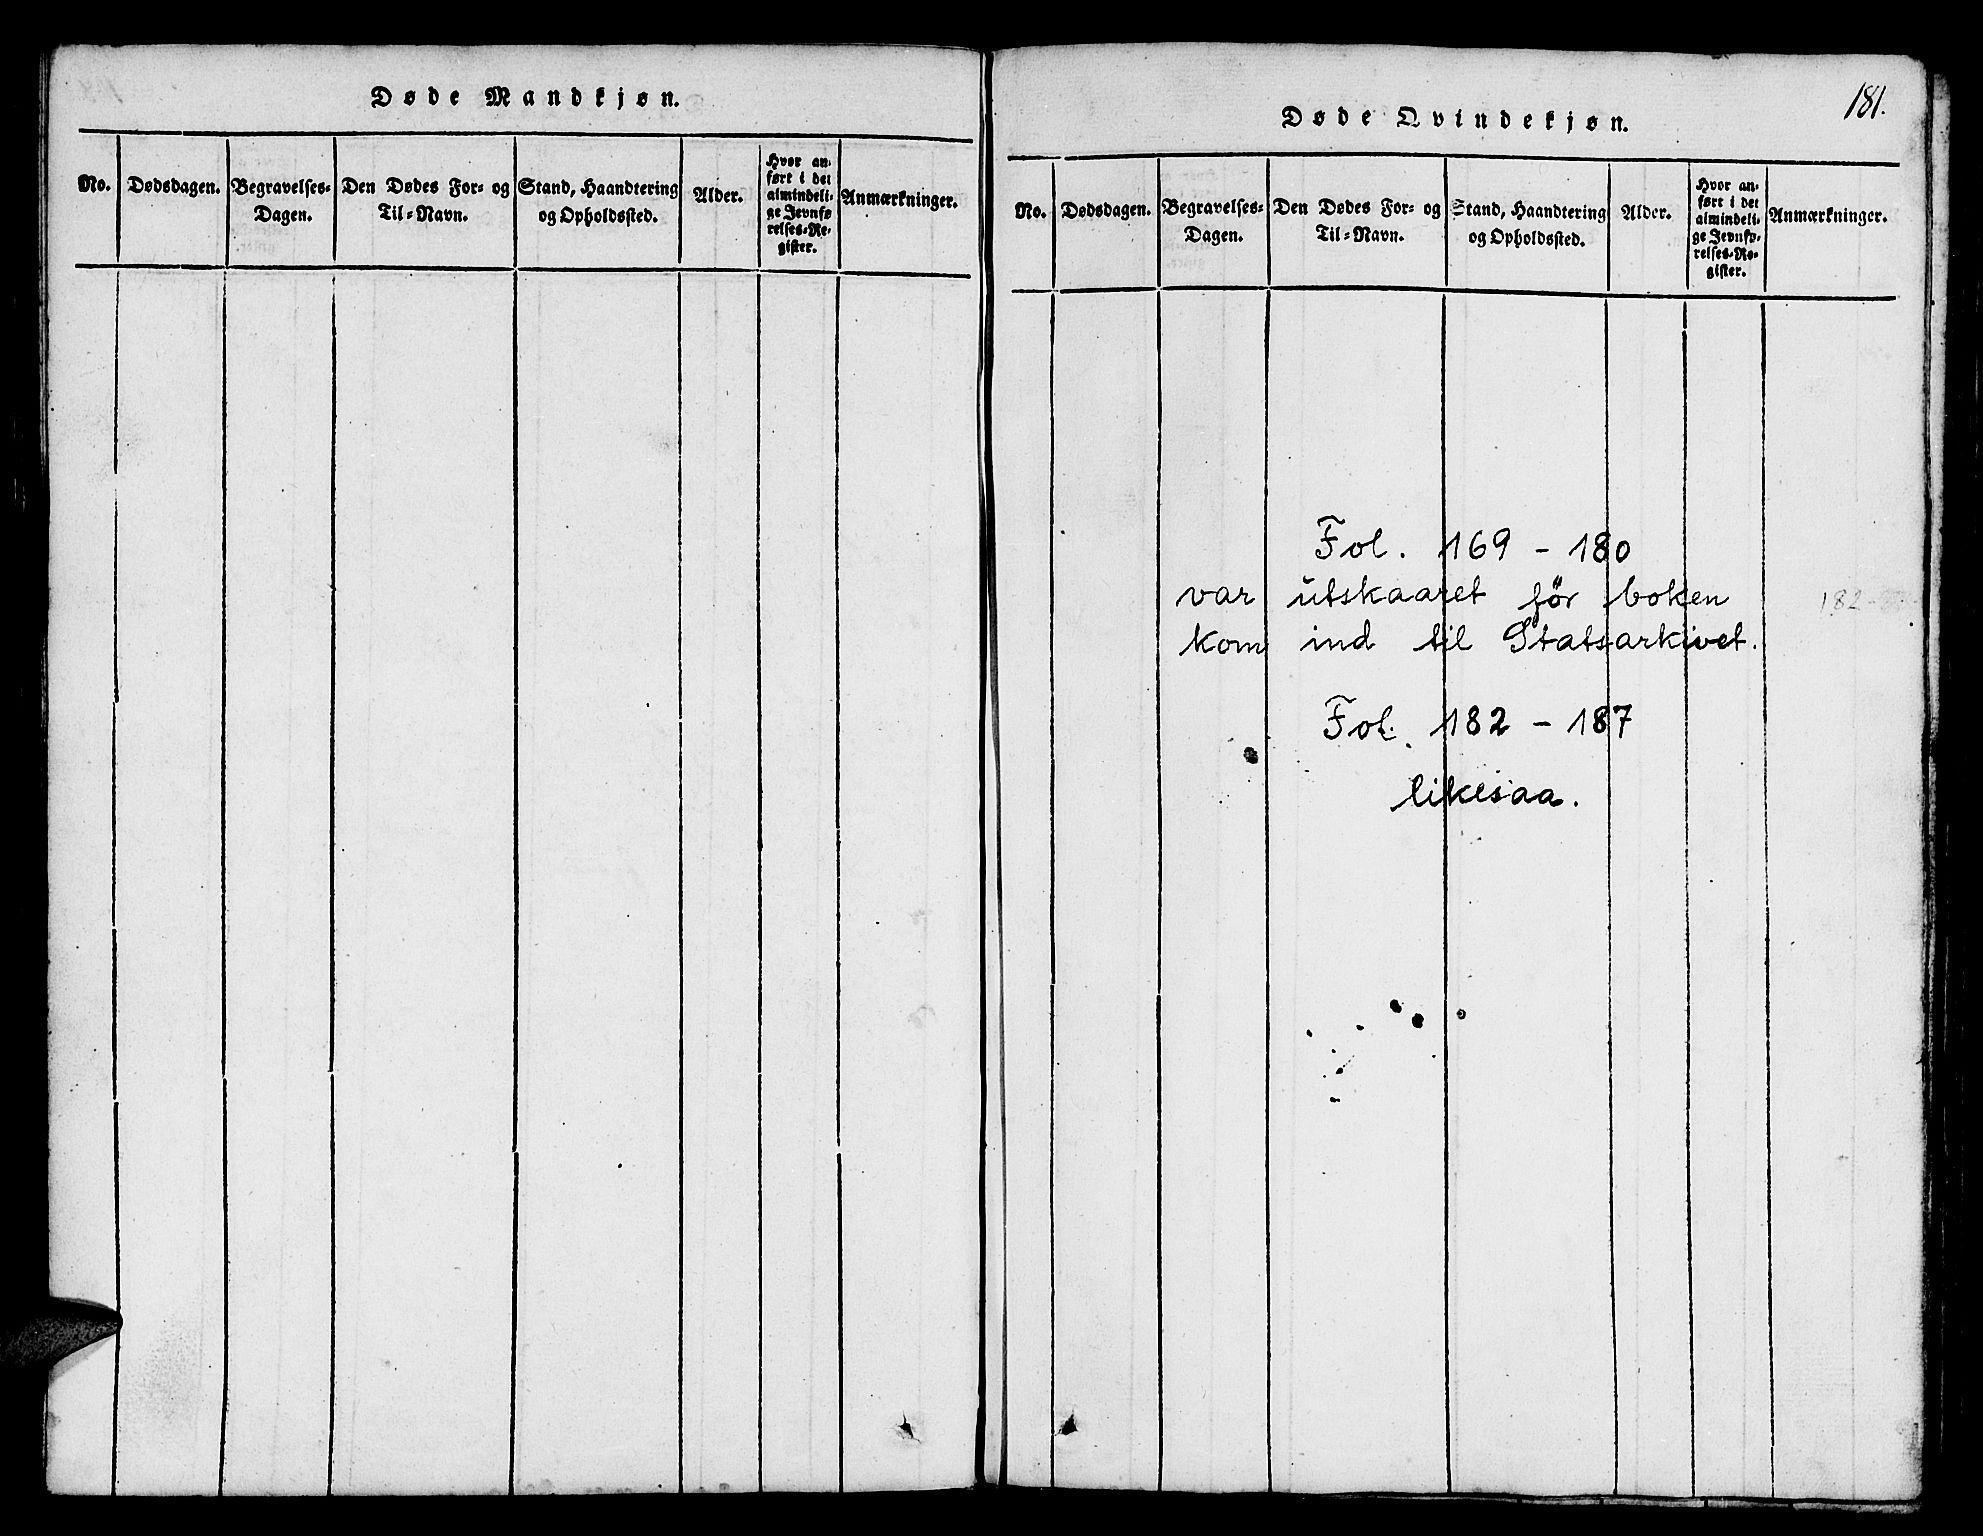 SAT, Ministerialprotokoller, klokkerbøker og fødselsregistre - Sør-Trøndelag, 665/L0776: Klokkerbok nr. 665C01, 1817-1837, s. 181